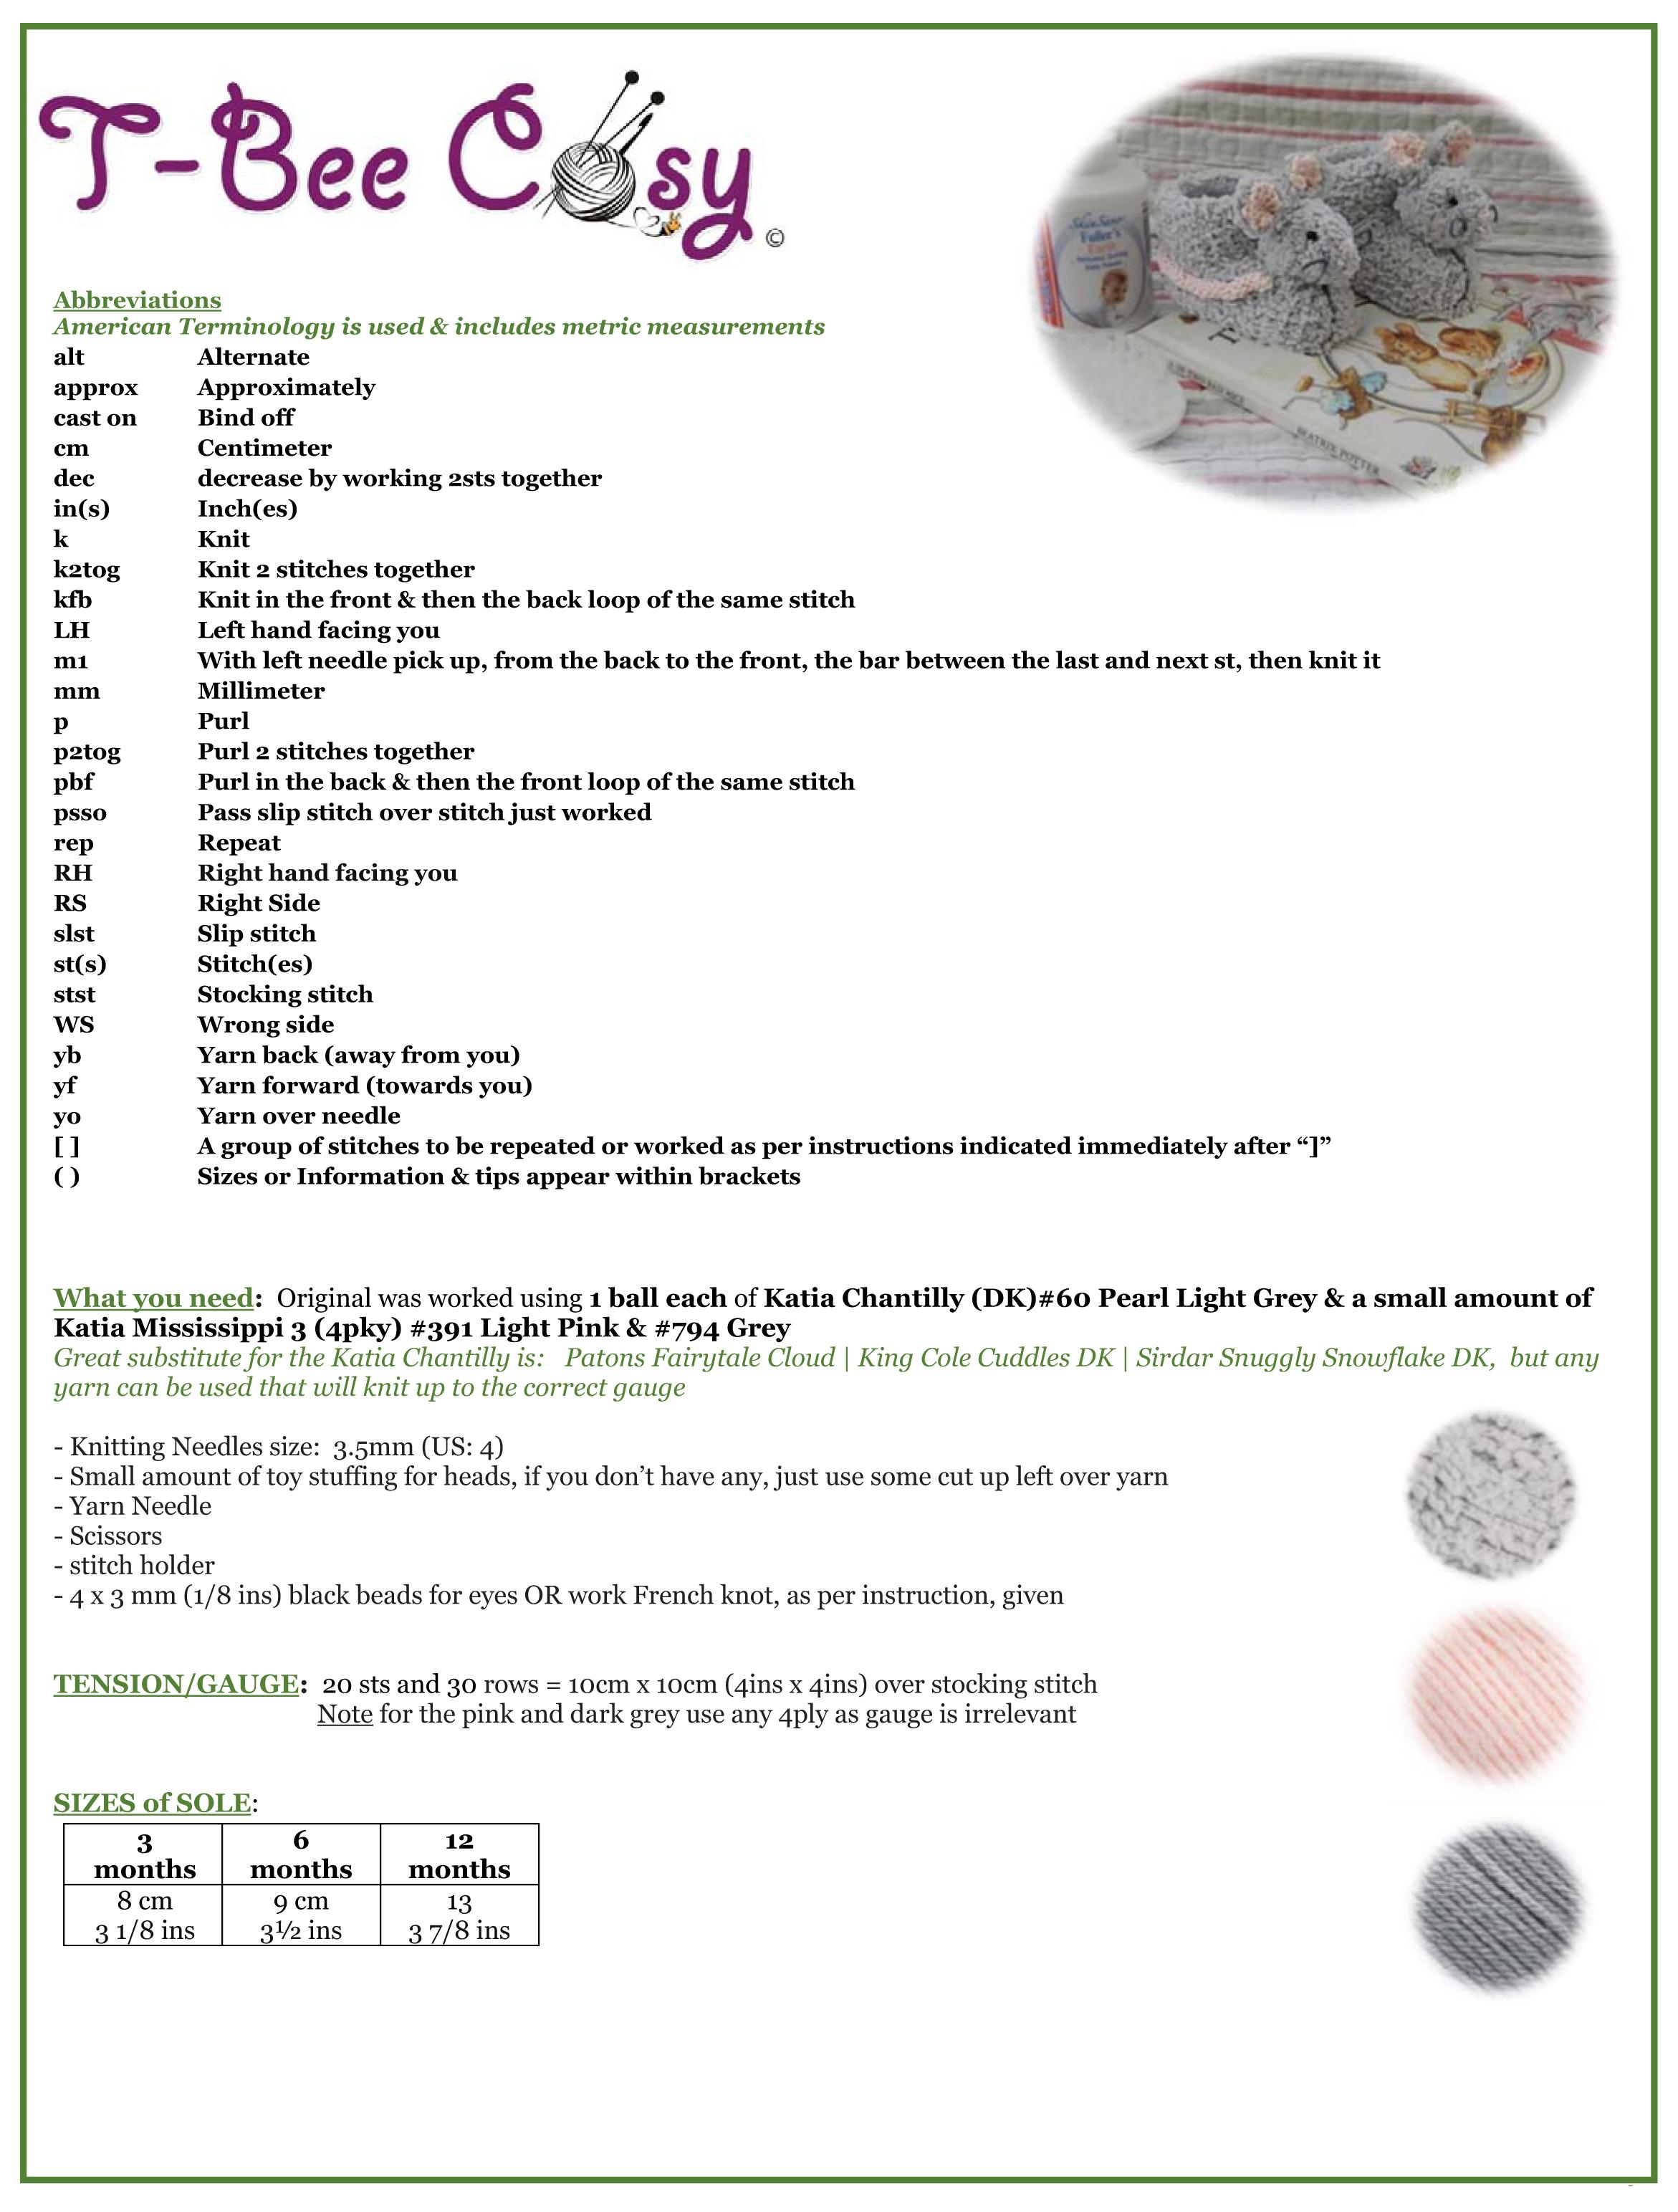 Sebastian-Bunnykids-Mouse Booties info sheet